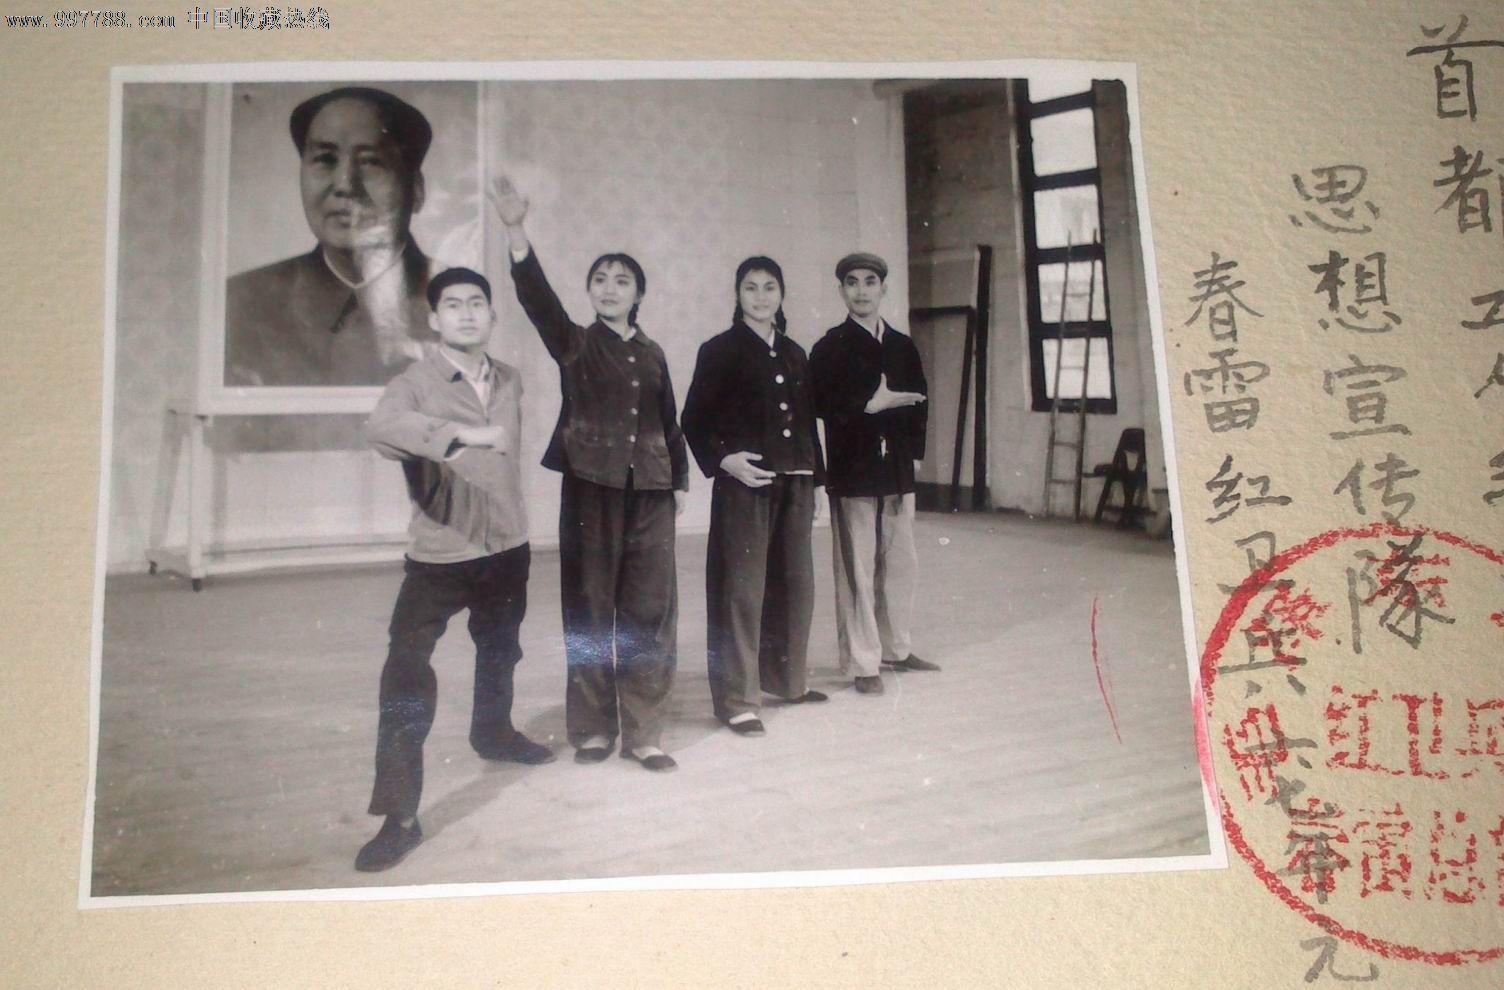 公共讹��y��9��9g��y_(春雷红鍏兵67年元旦)